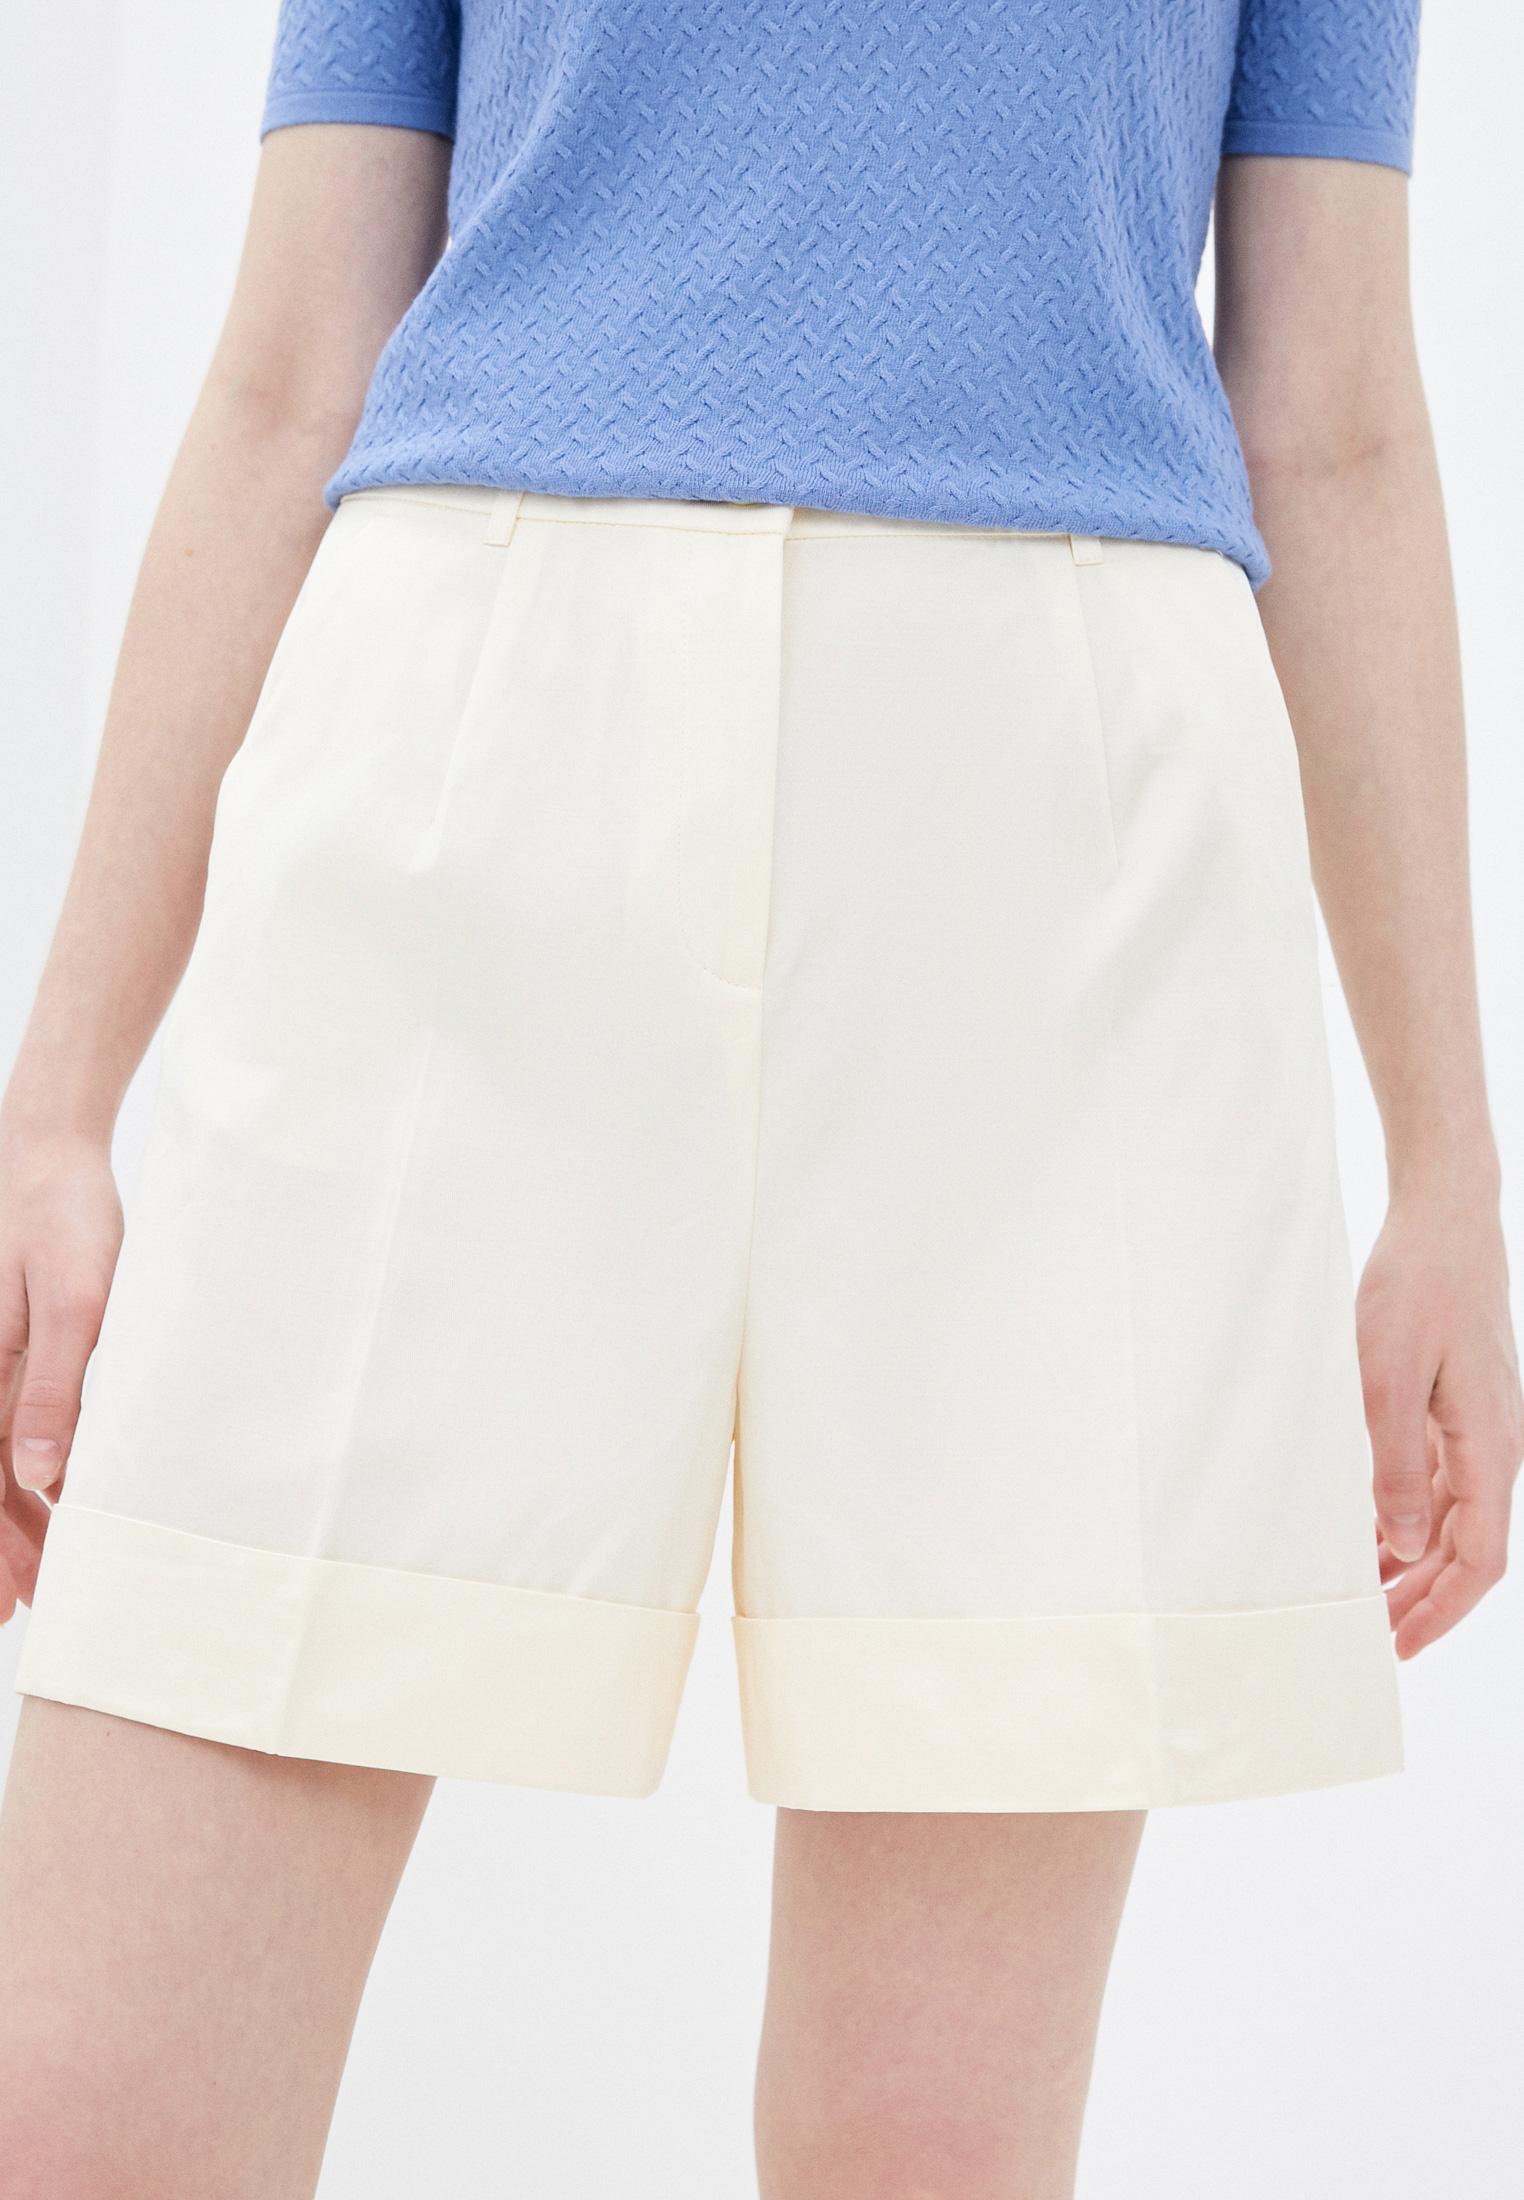 Женские повседневные шорты Pennyblack (Пенни Блэк) Шорты Pennyblack